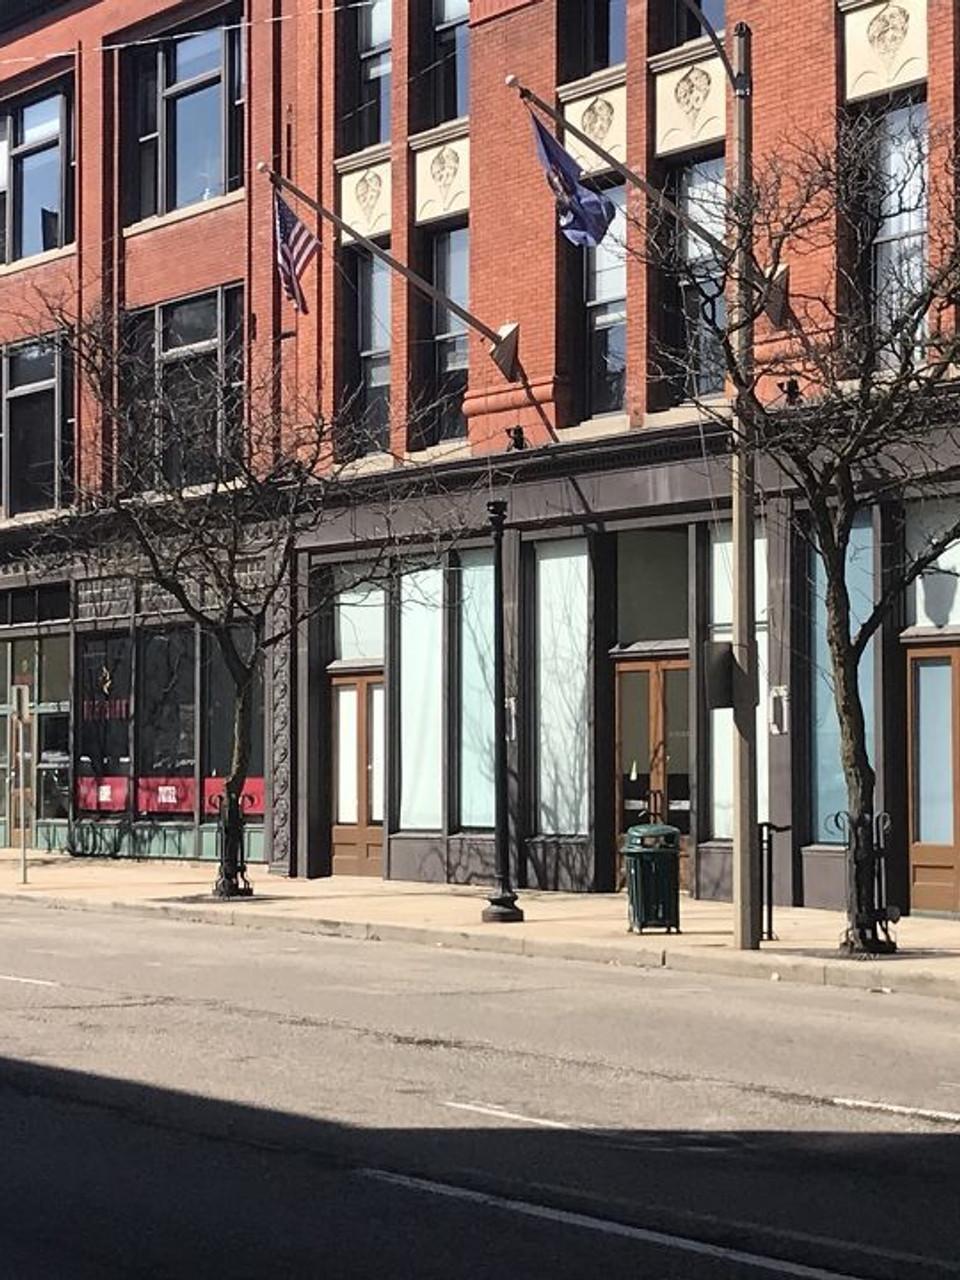 Restaurants Events Shutdown During